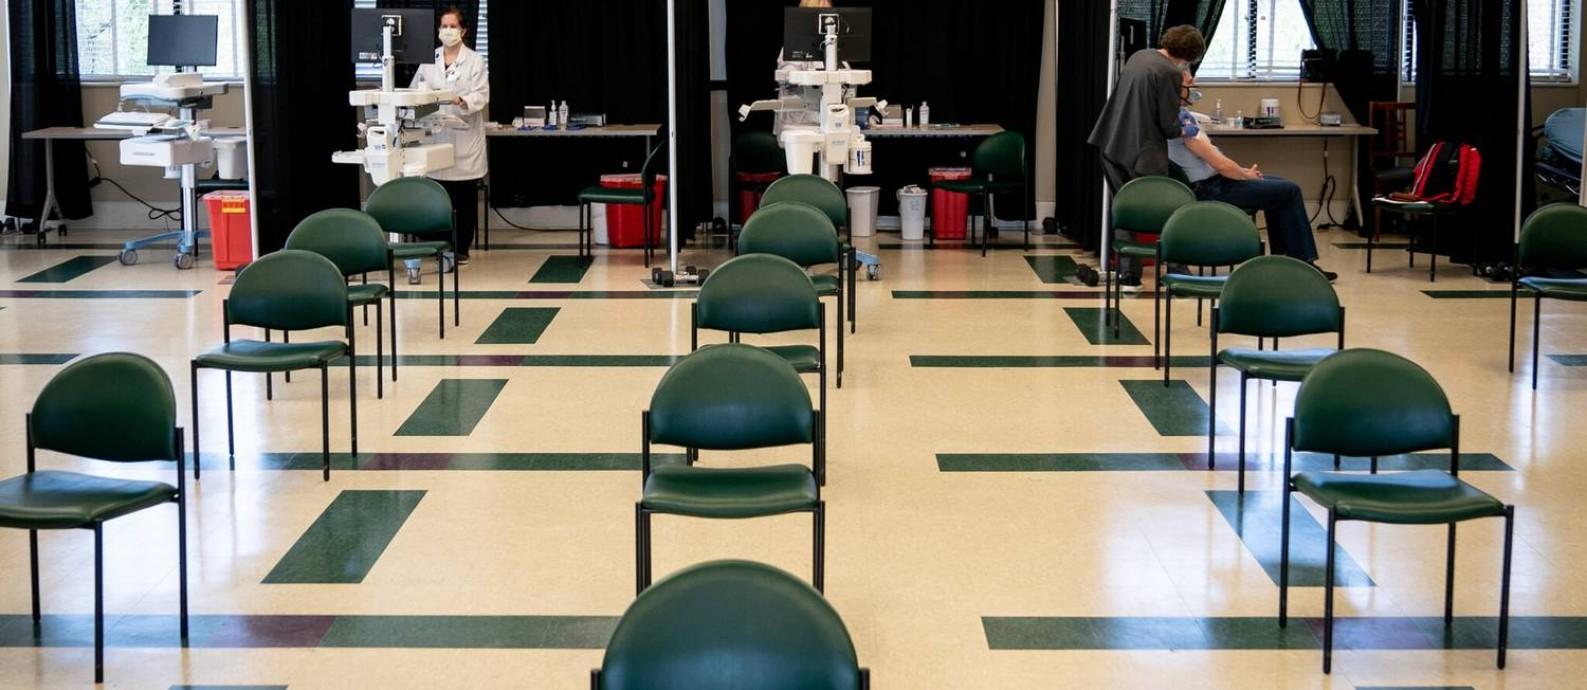 Centro de vacinação deserto em Elizabethton, assim como tantos em zonas rurais predominantemente brancas e religiosas dos EUA Foto: Erin Schaff/The New York Times